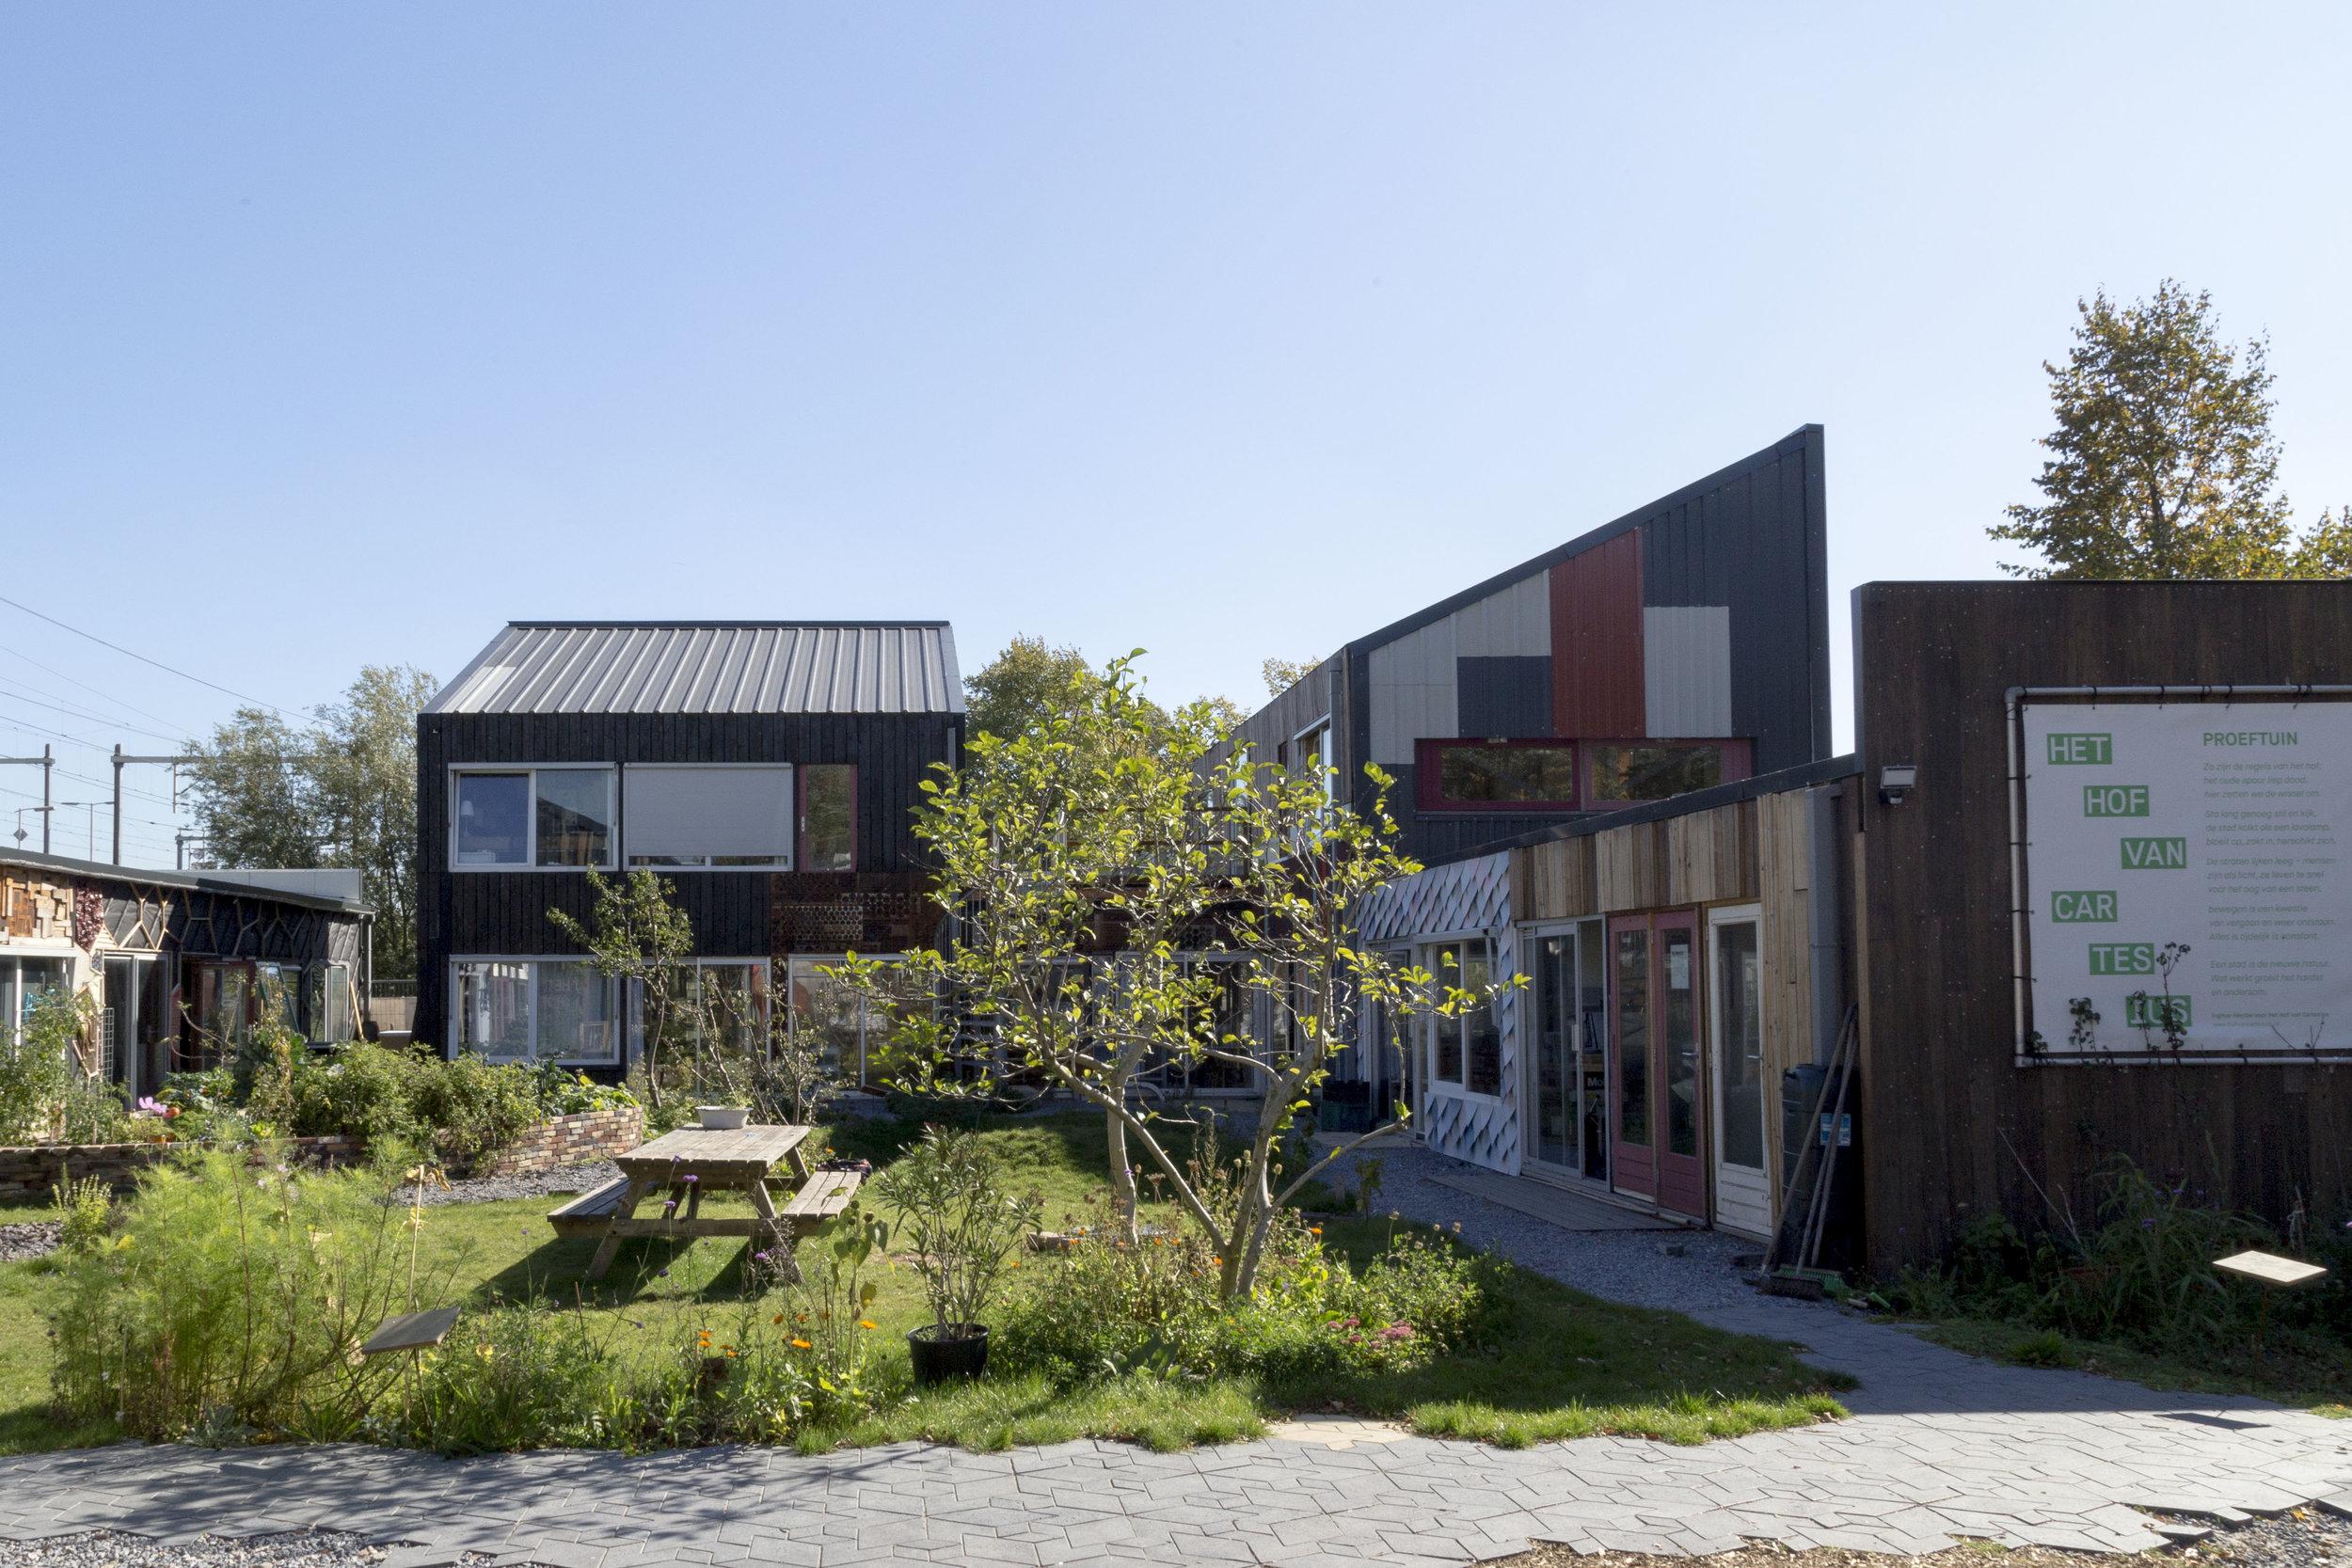 Het Hof van Cartesius - Circulaire Proeftuin en Broedplaats van creatieve makers www.hofvancartesius.nl